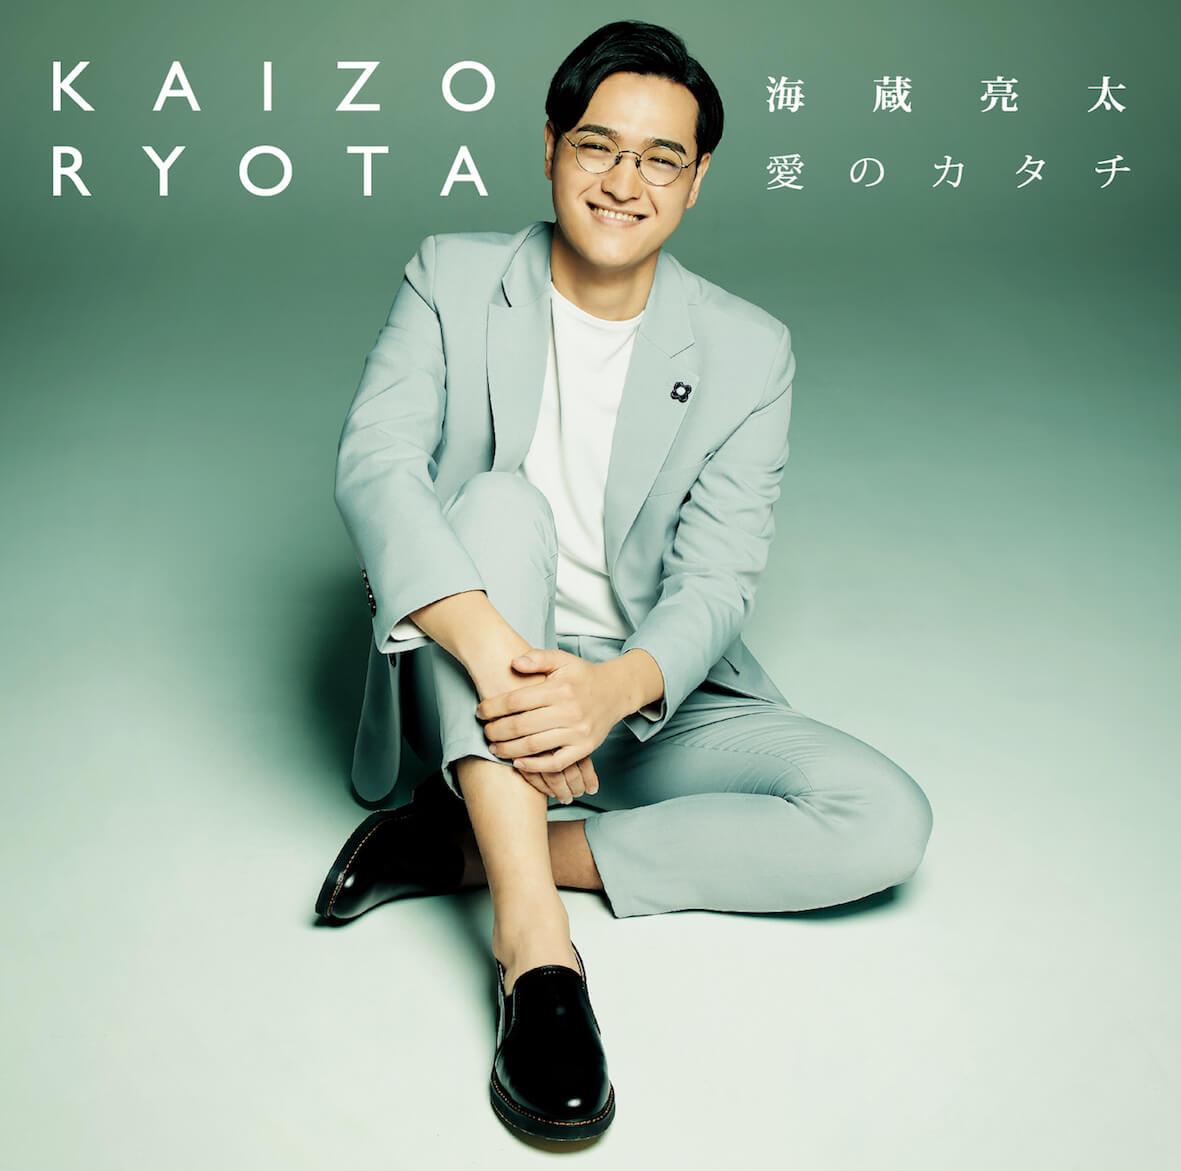 海蔵亮太メジャーデビュー曲が有線放送お問い合わせランキングにて2度目の1位を獲得サムネイル画像